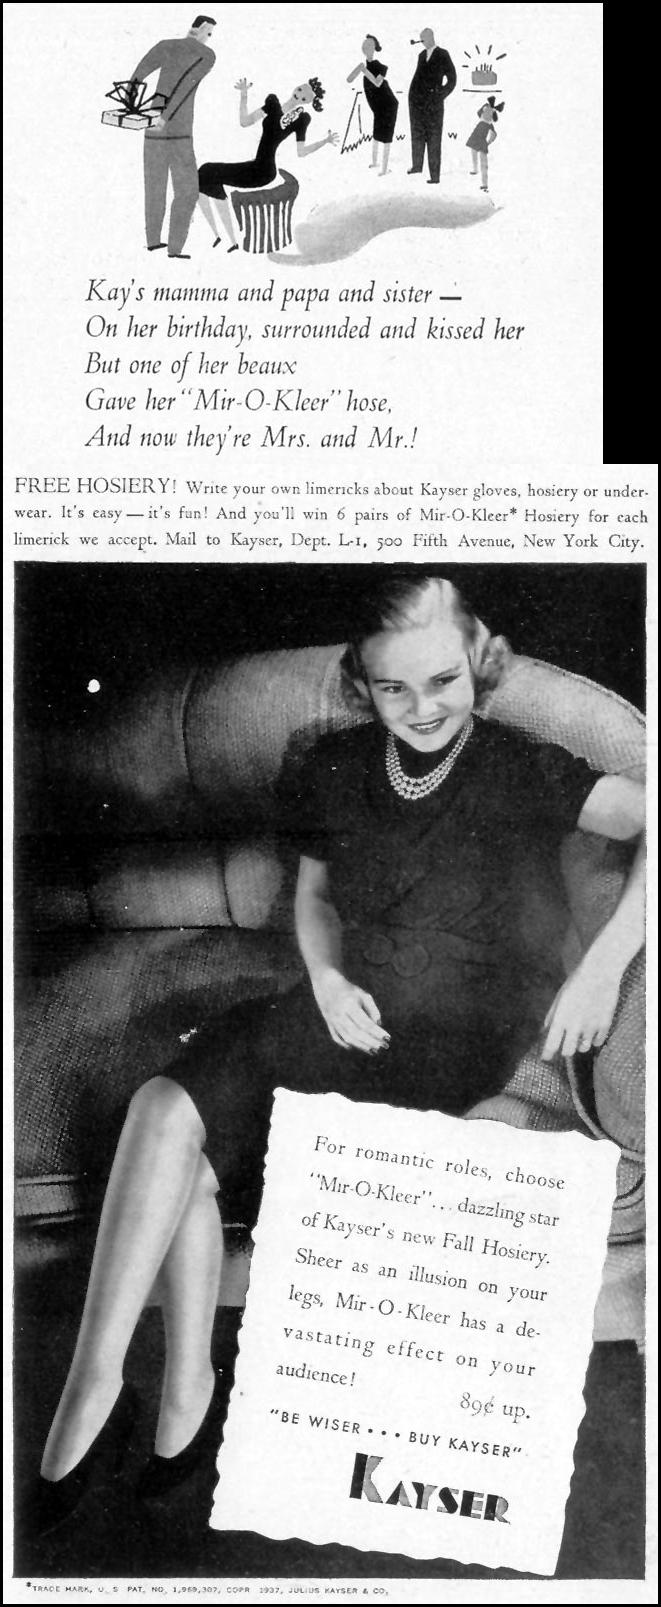 MIR-O-KLEER HOSIERY LIFE 09/20/1937 p. 21